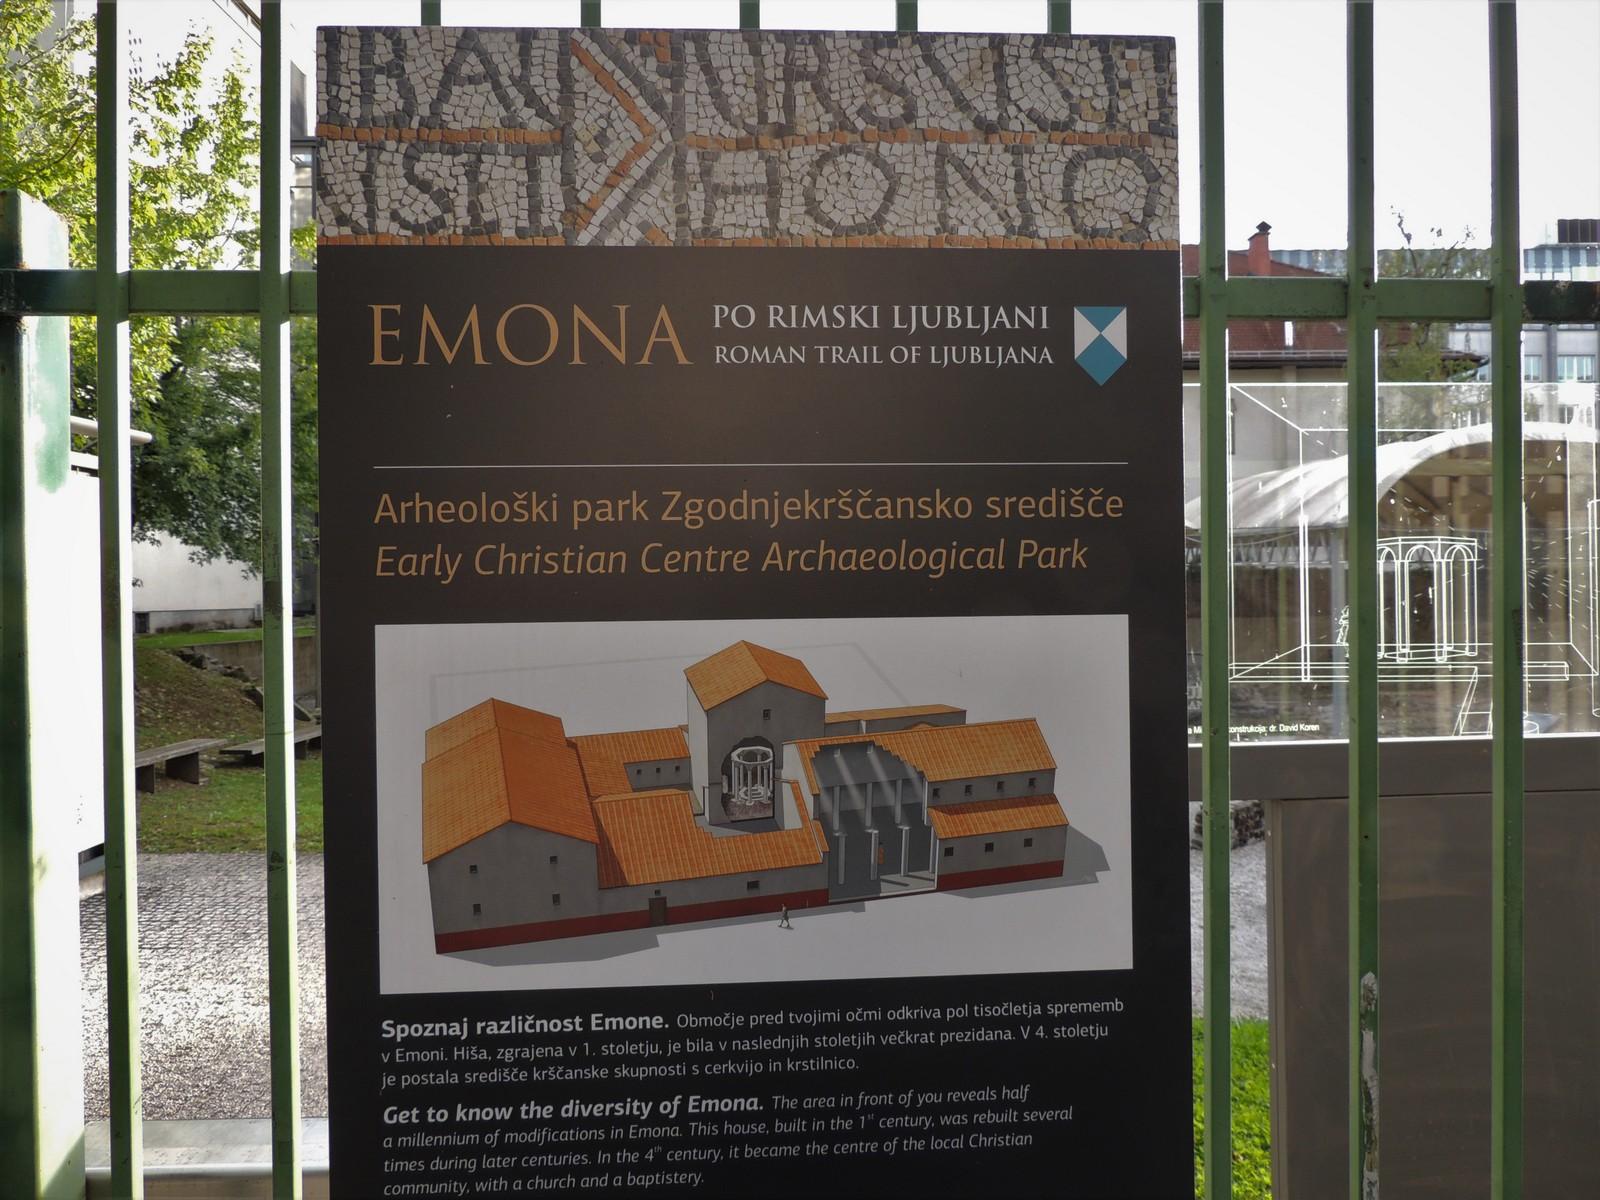 Ljubljana - römische Ausgrabungen von Emona